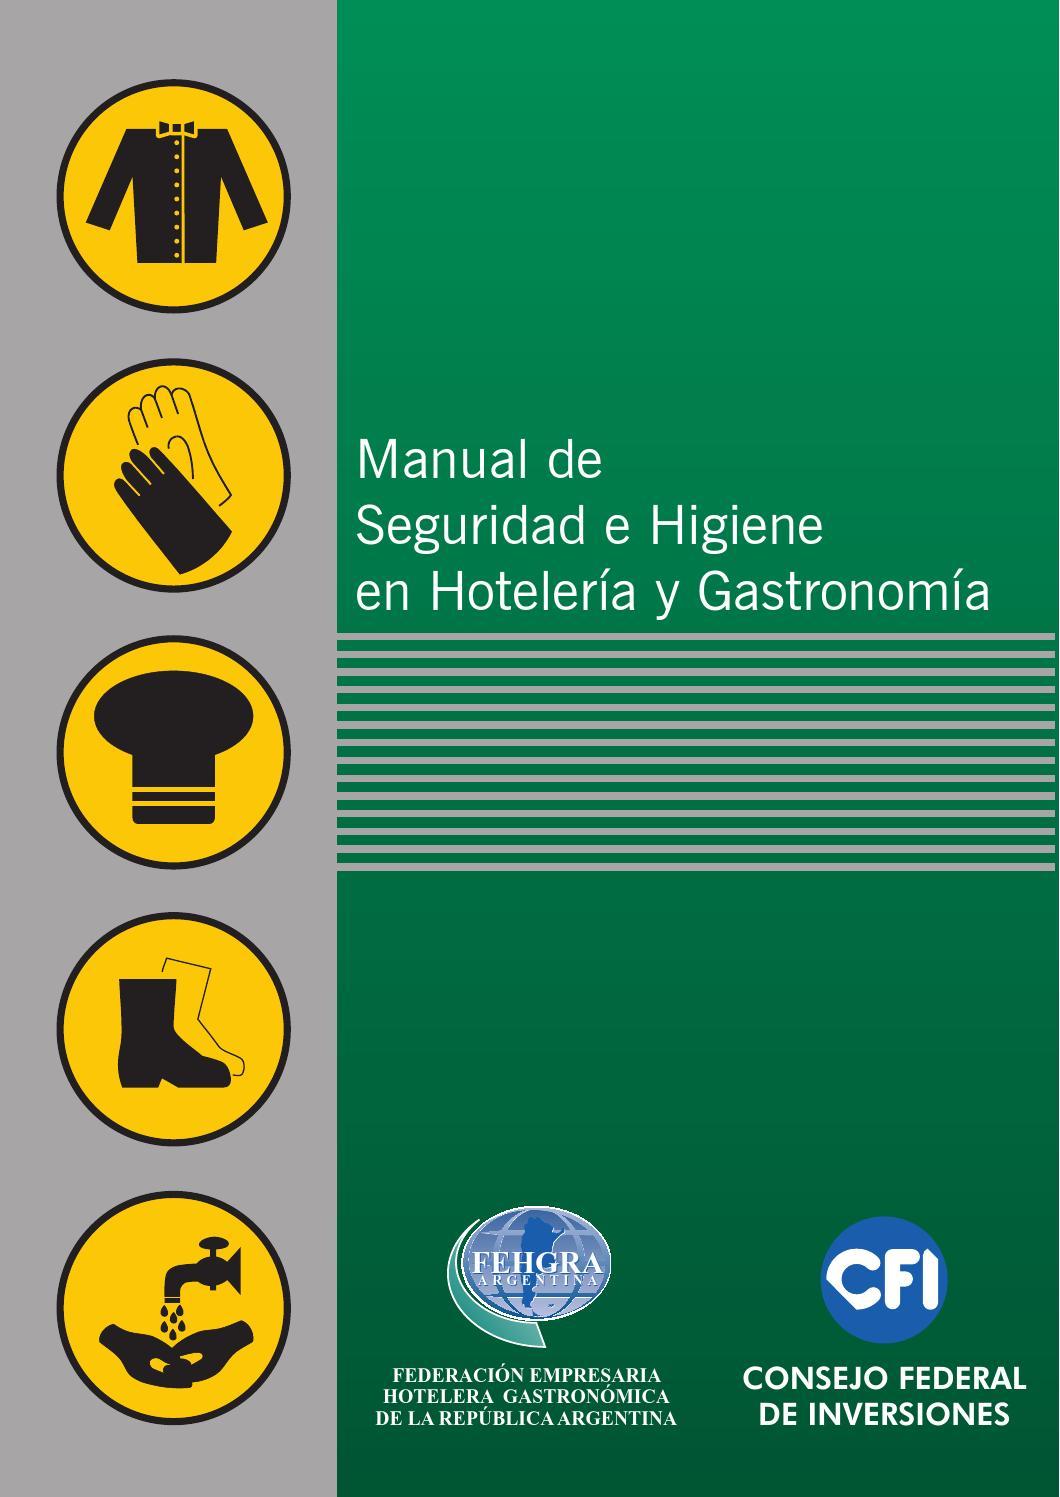 Manual De Seguridad E Higiene En Hoteleria Y Gastronomia By Adrian Flores Issuu